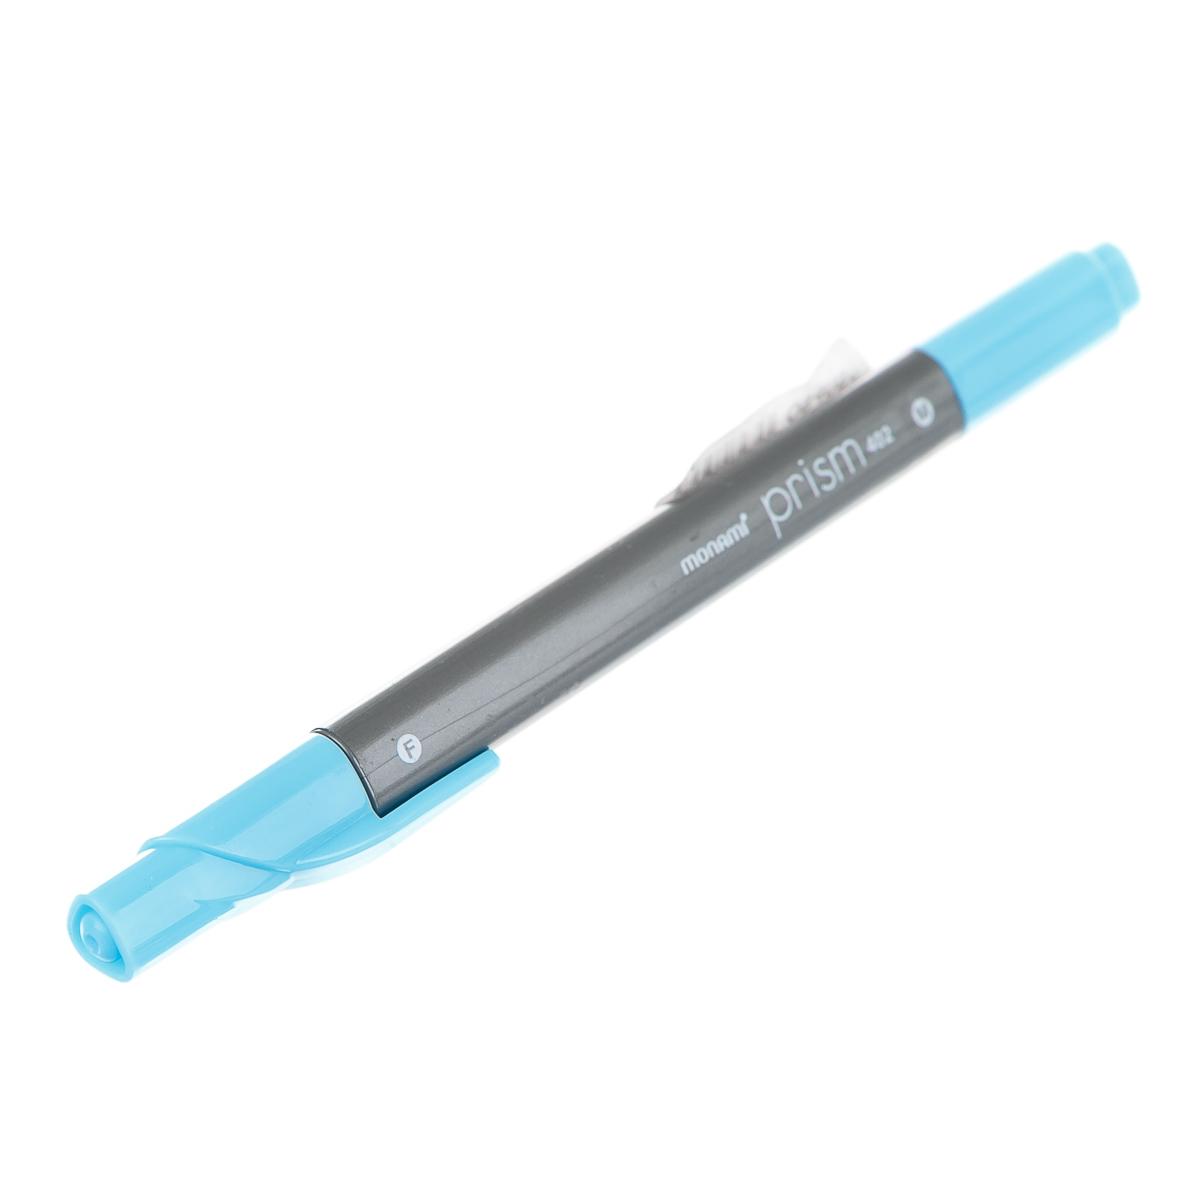 фломастер для малювання, з двома стрижнями, блакитний колір арт.4707135616014